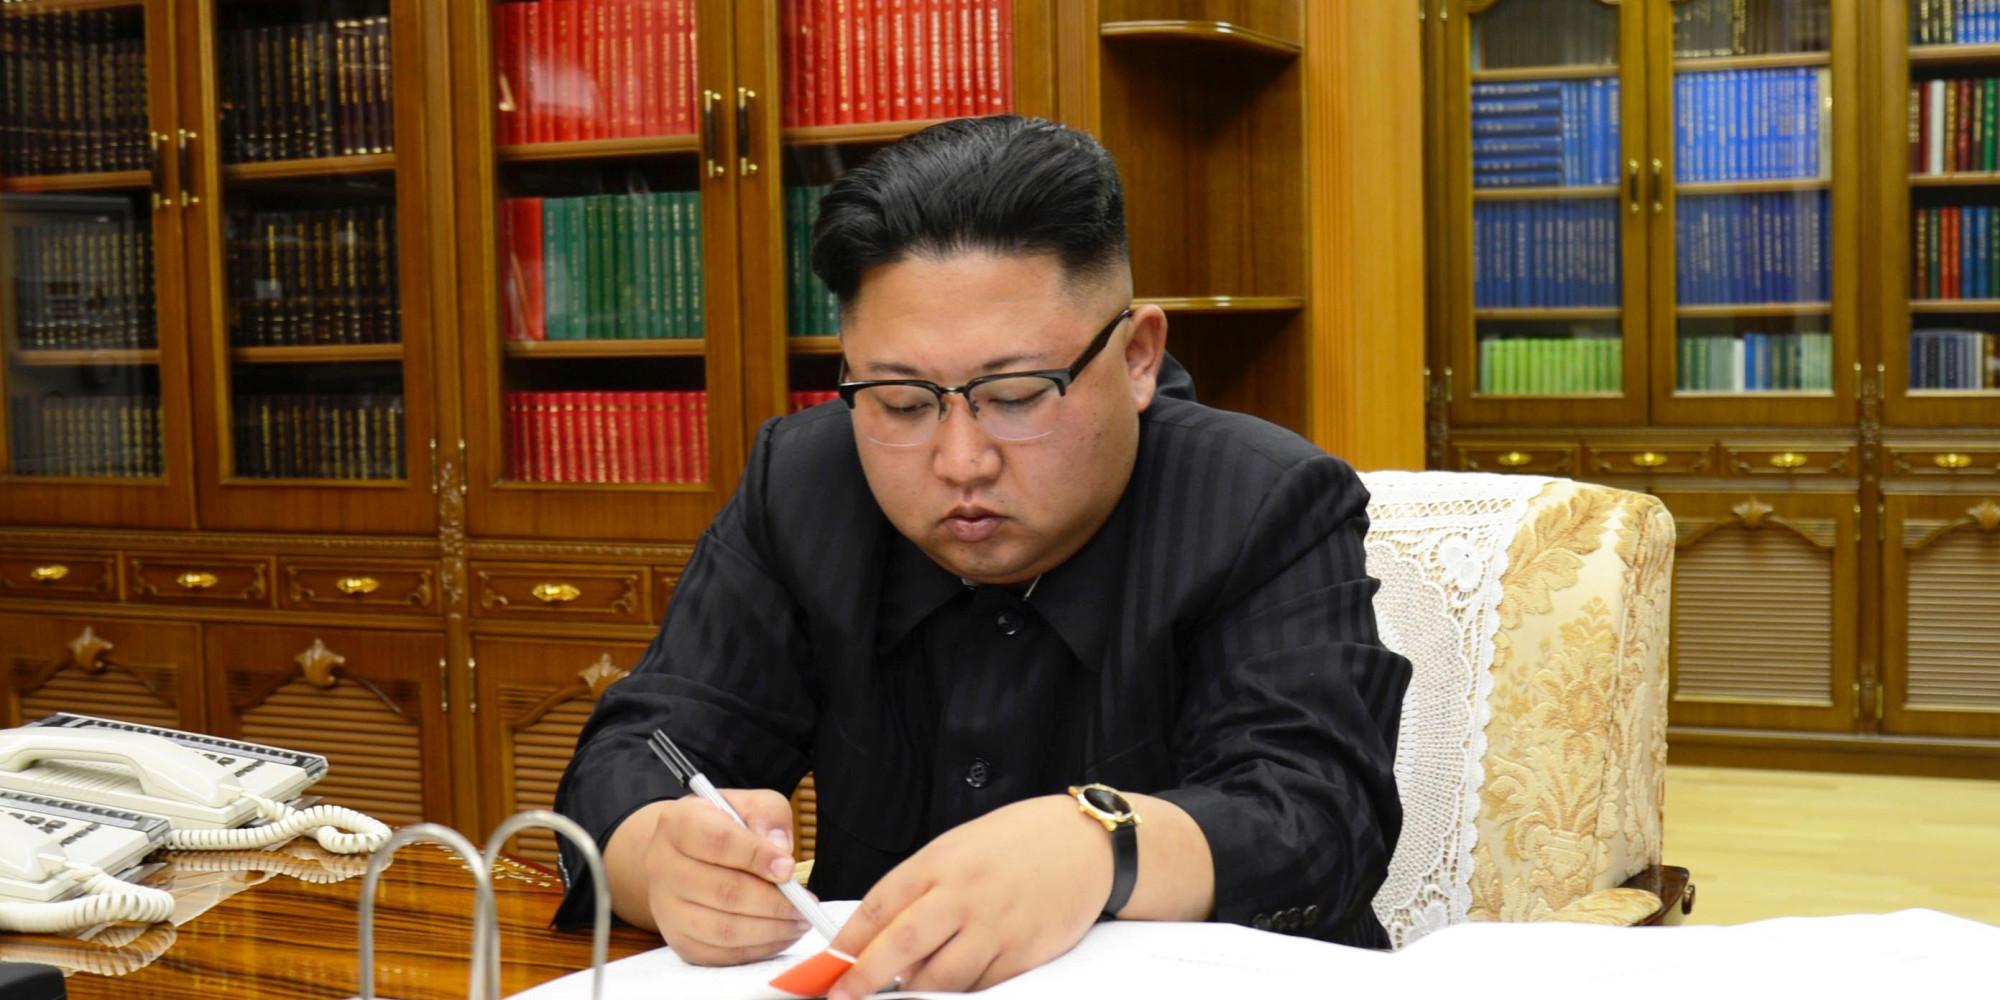 Weggefährten berichten über Kim Jong-uns Kindheit: Der Diktator sprach Deutsch